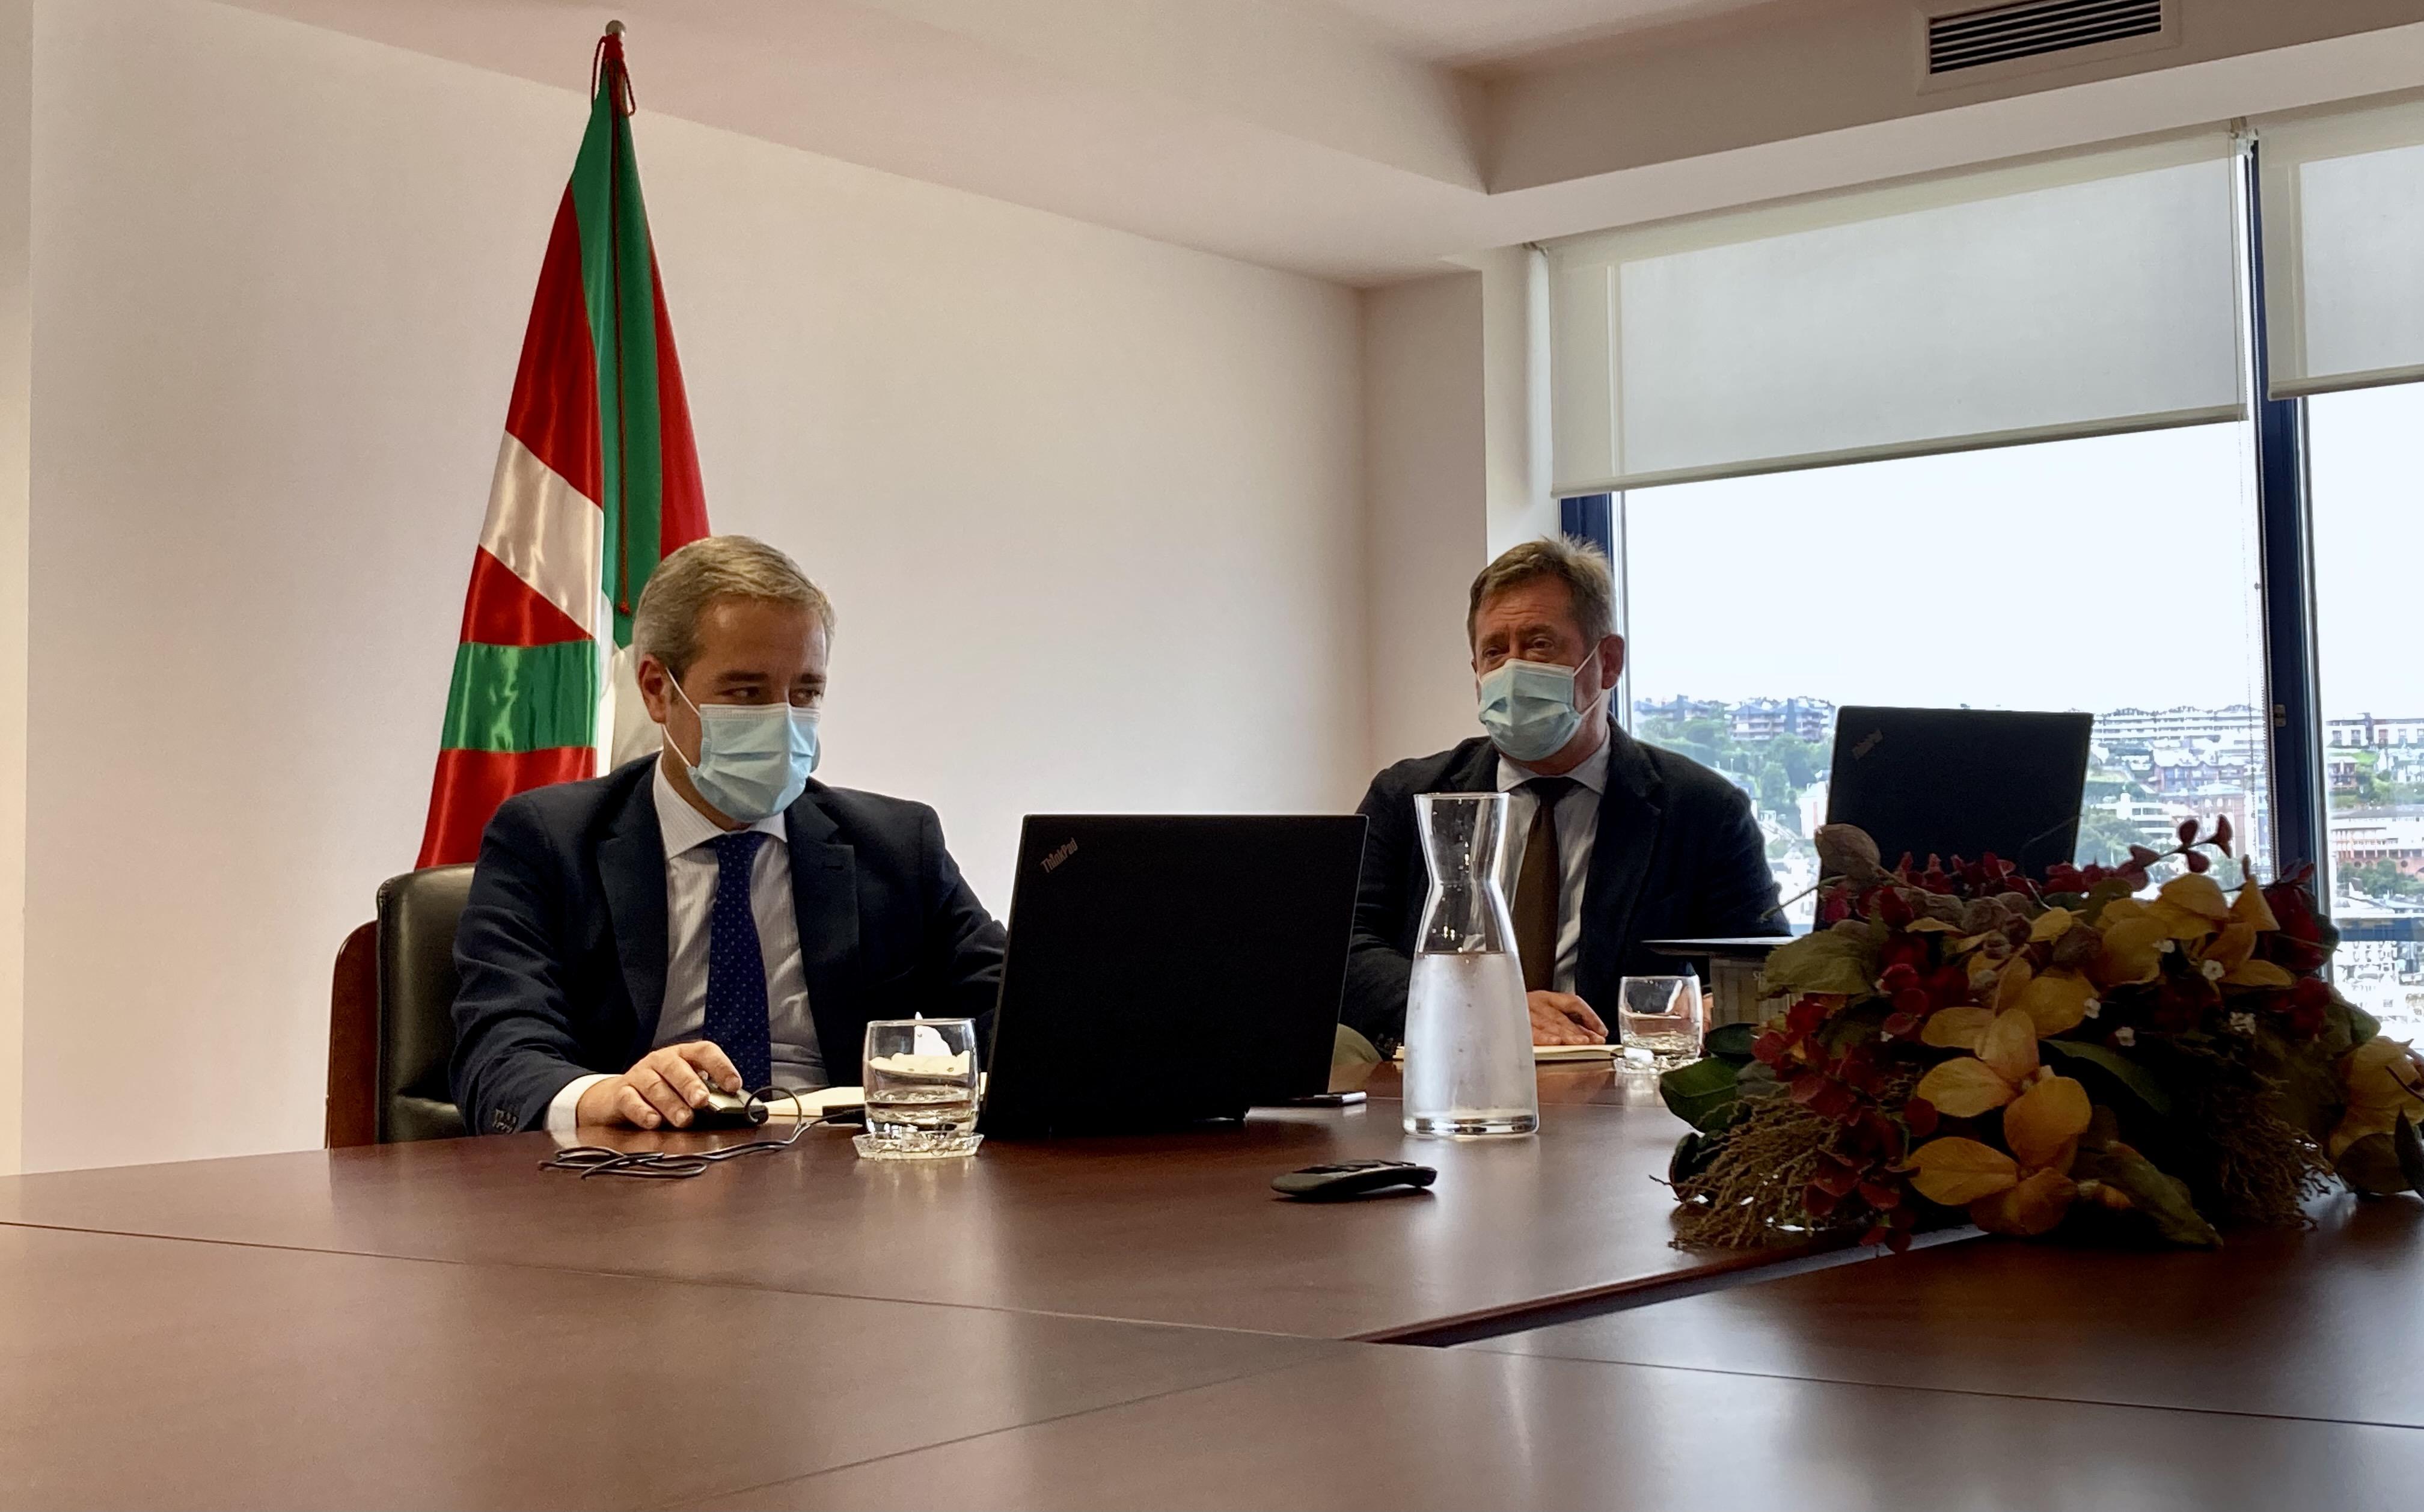 El Gobierno Vasco rechaza la manera en la que el Gobierno de España está gestionando los fondos europeos en materia cultural [1:10]